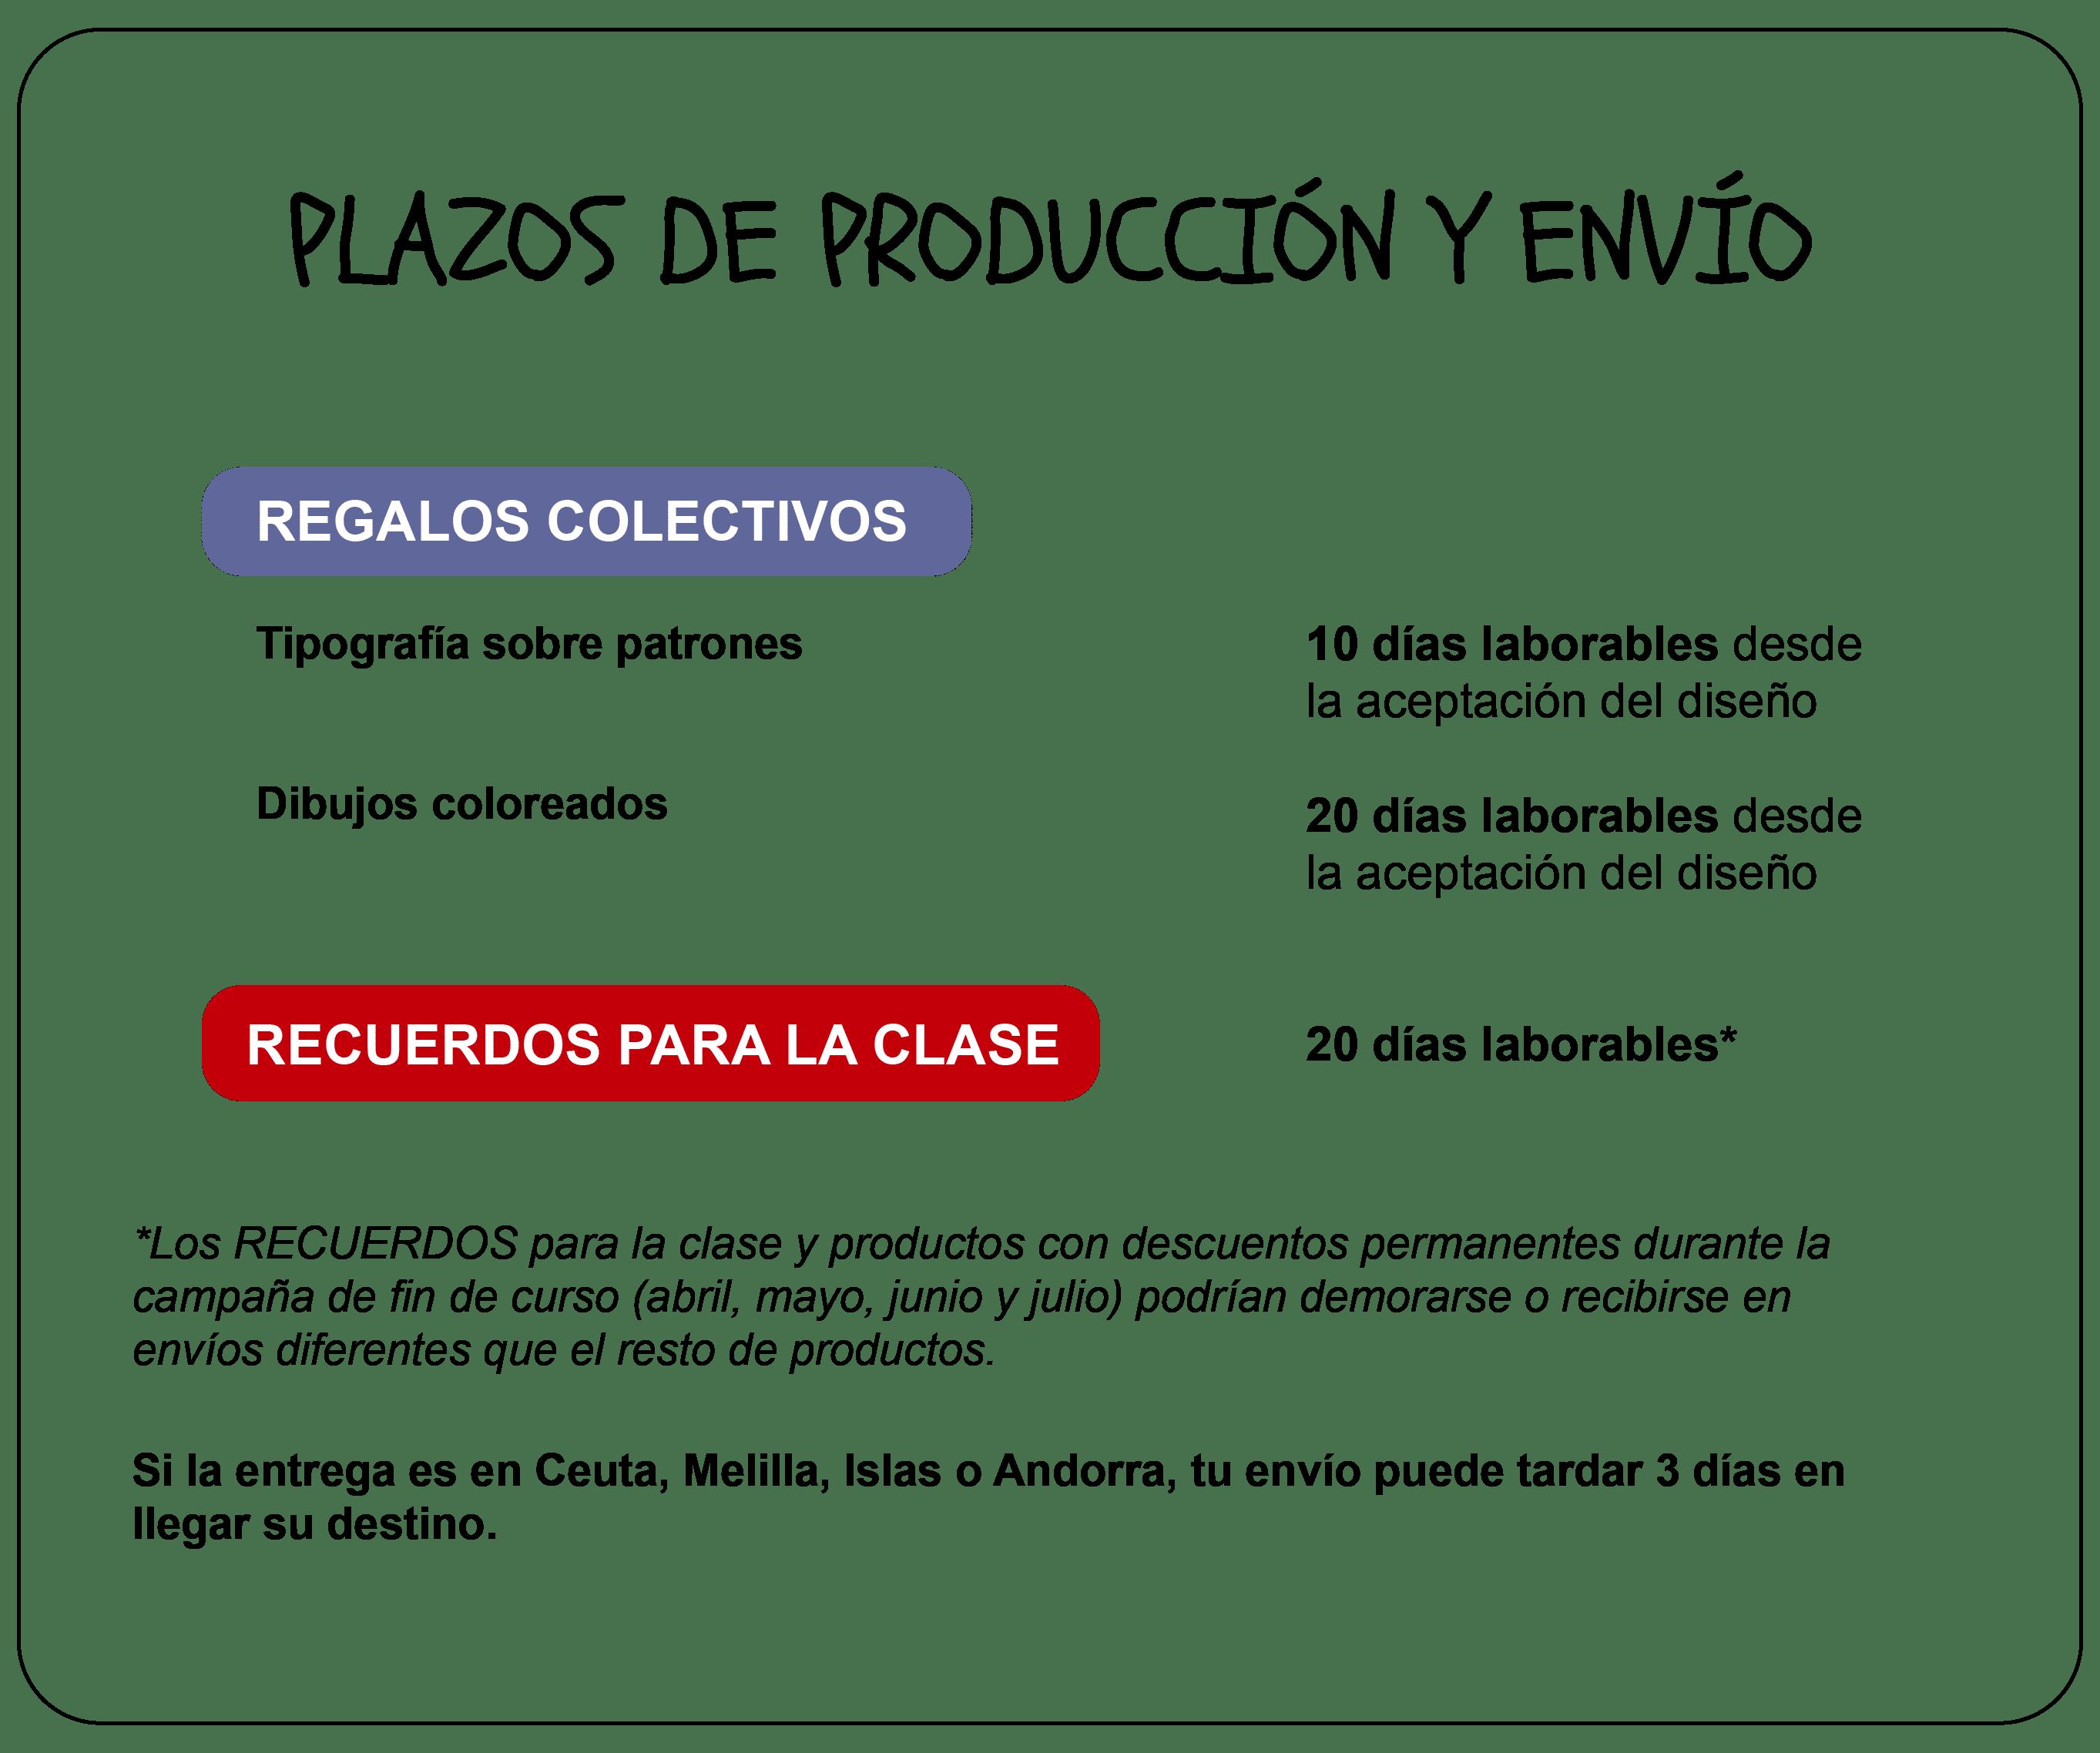 Cuadro plazos de producción y envío